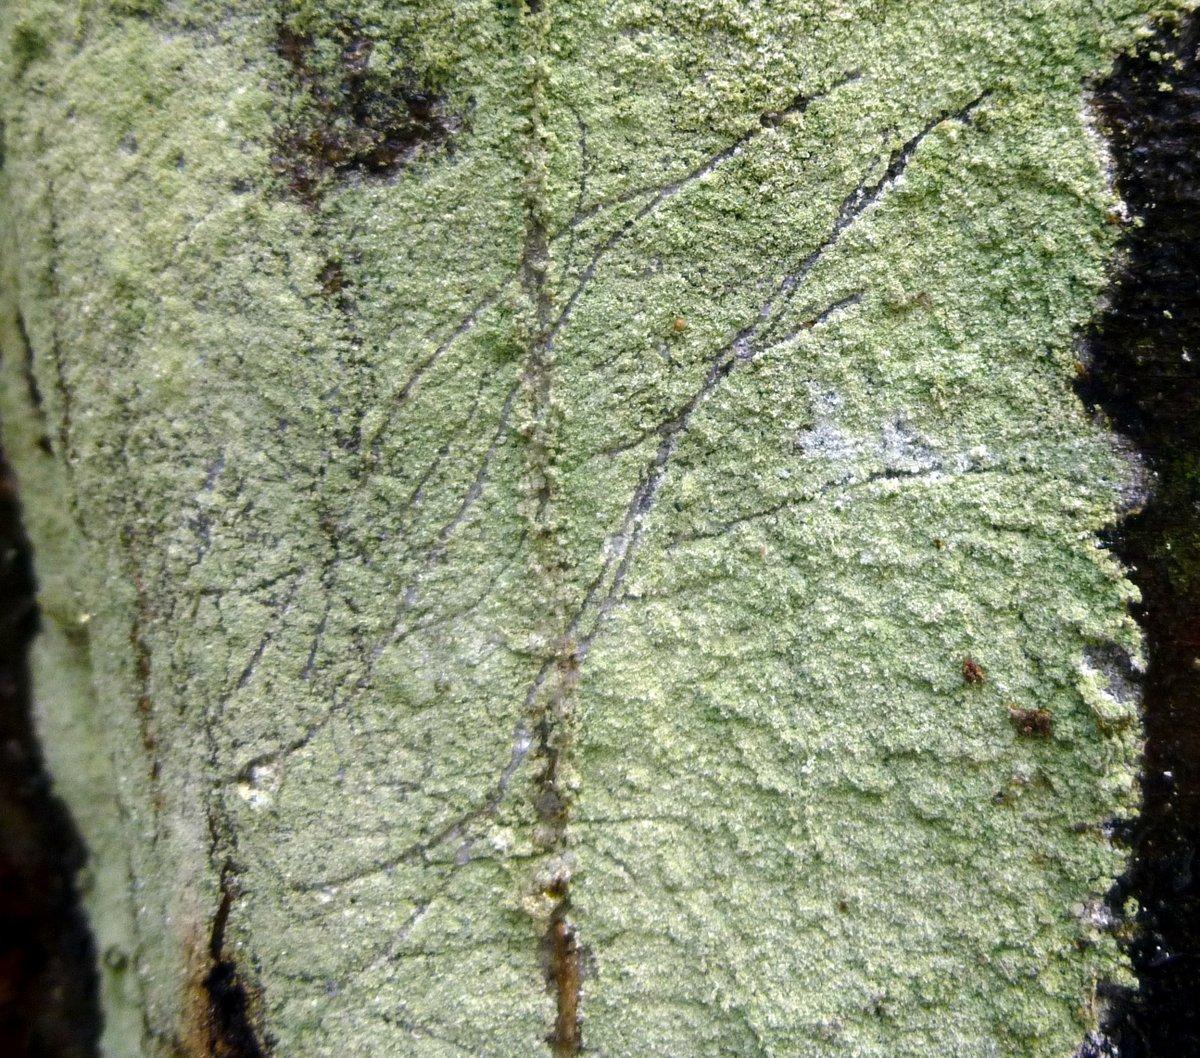 11. Whitewash Lichen